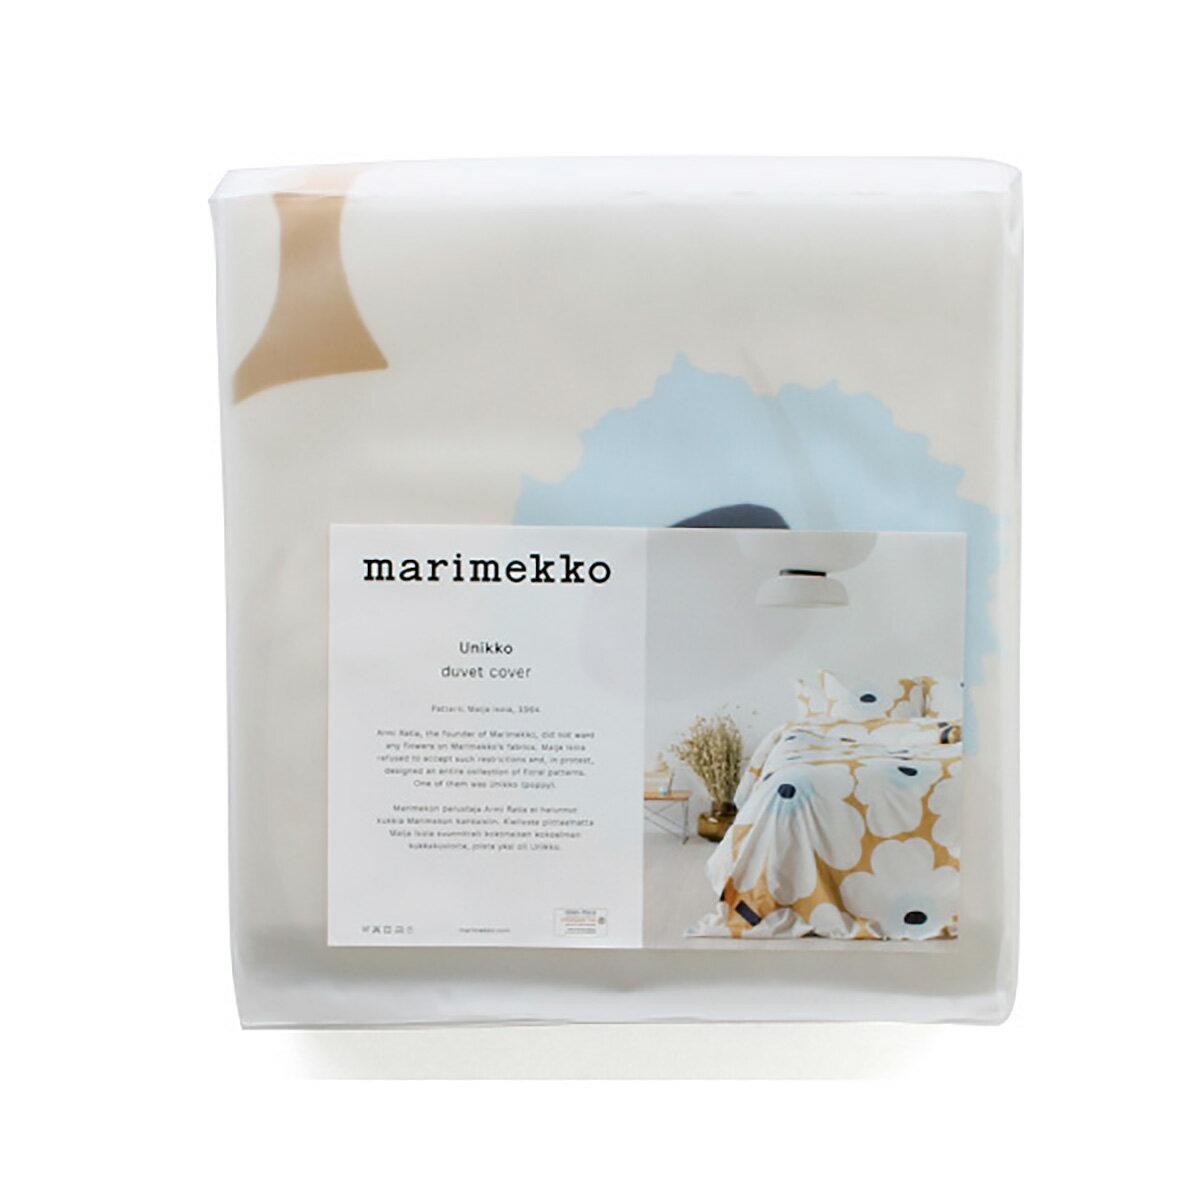 寝具, 掛け布団カバー  marimekko UNIKKO 69080 815